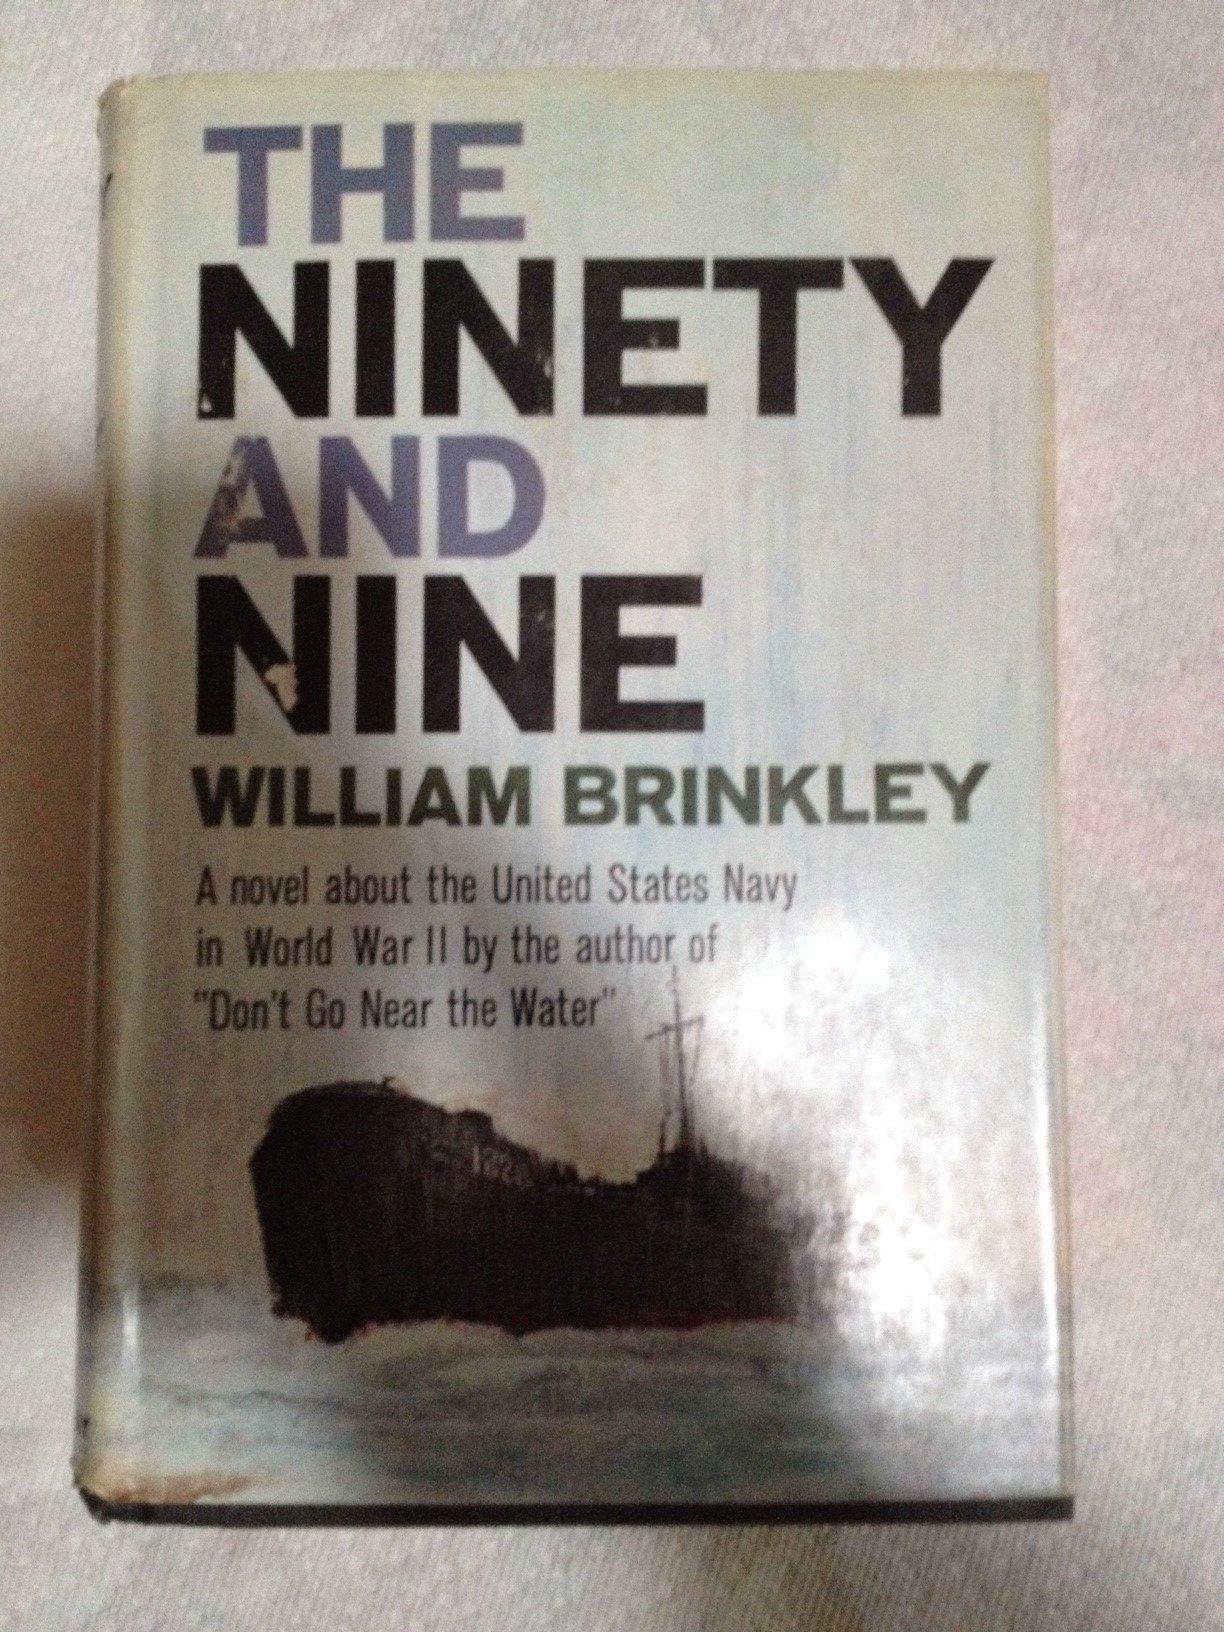 William Brinkley